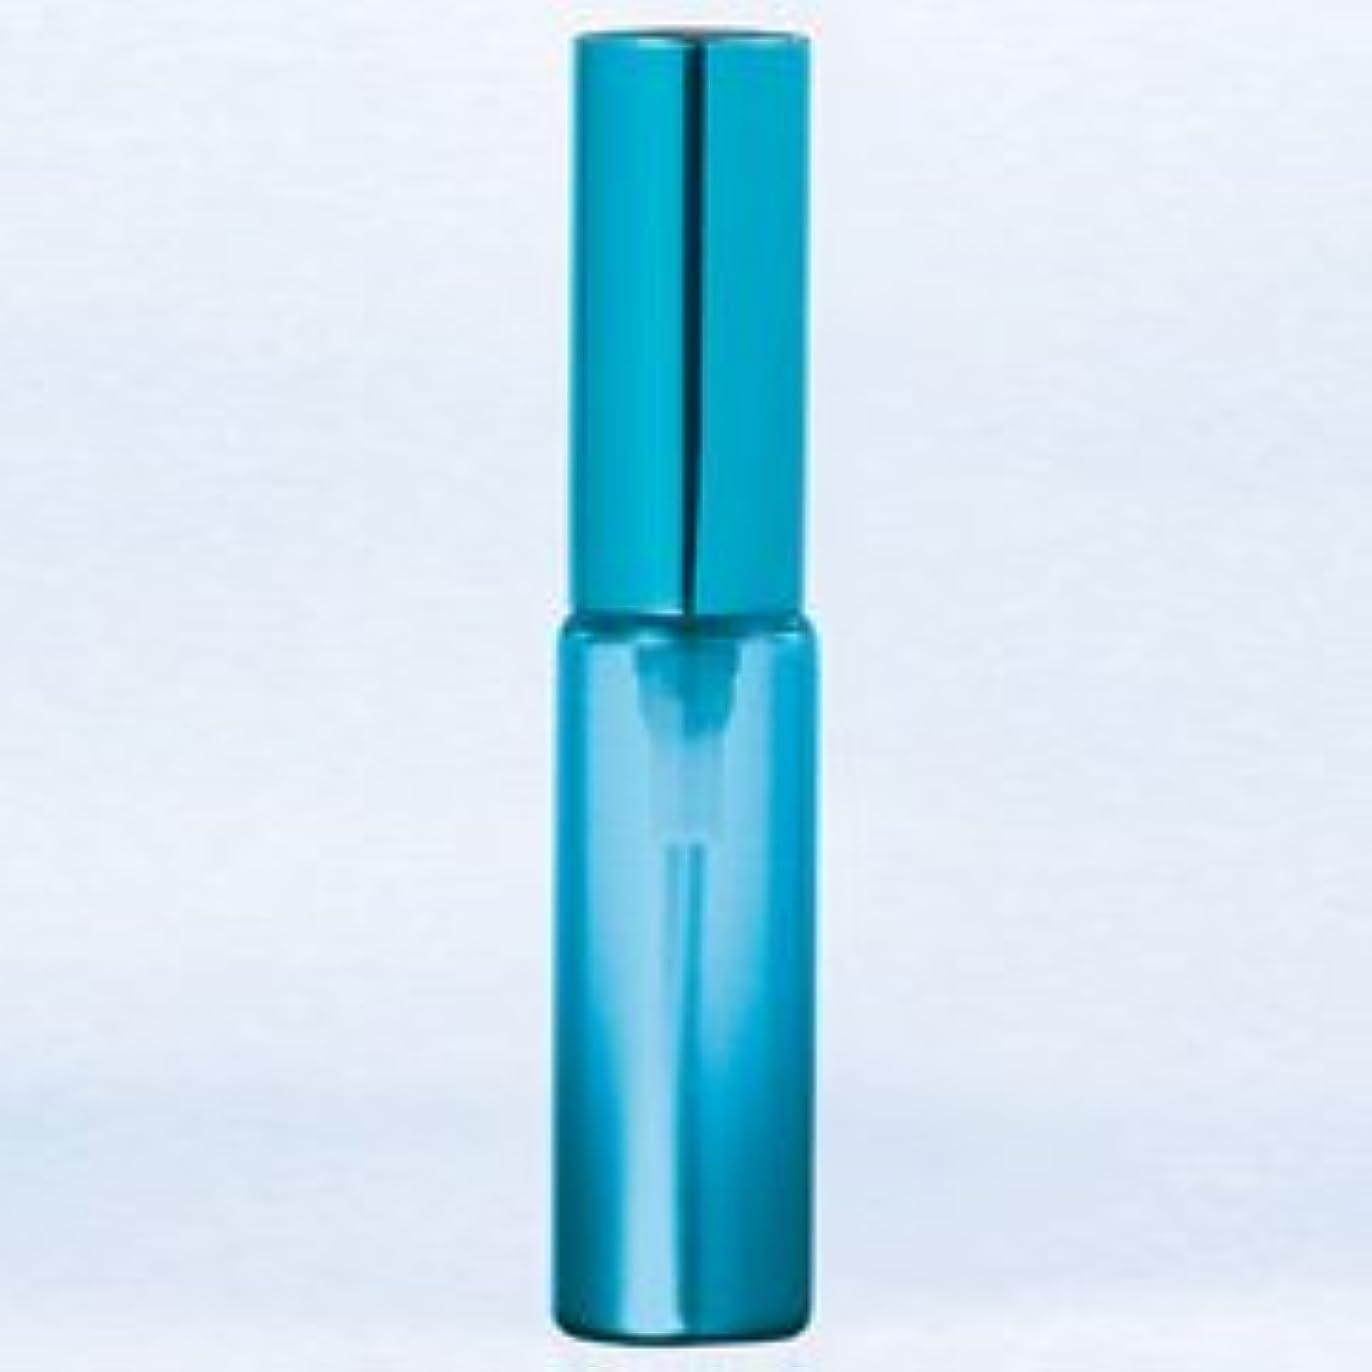 整然としたにぎやか苦しむ【ヤマダアトマイザー】グラスアトマイザー プラスチックポンプ 無地 60402 メタリックグラデ ブルー アルミキャップ ブルー 4ml